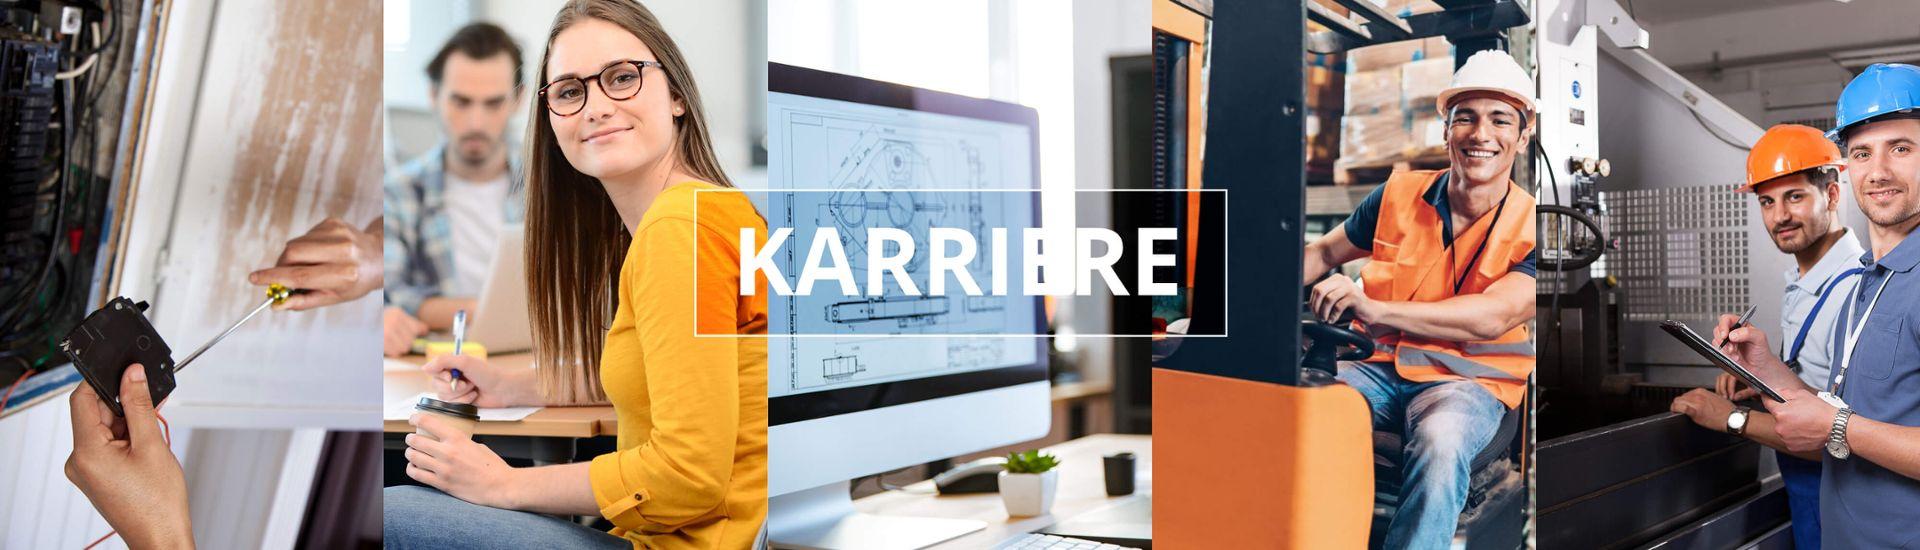 Karriere bei KRAIBURG - dem führenden Hersteller von Stallmatten für Rinder und Schweine